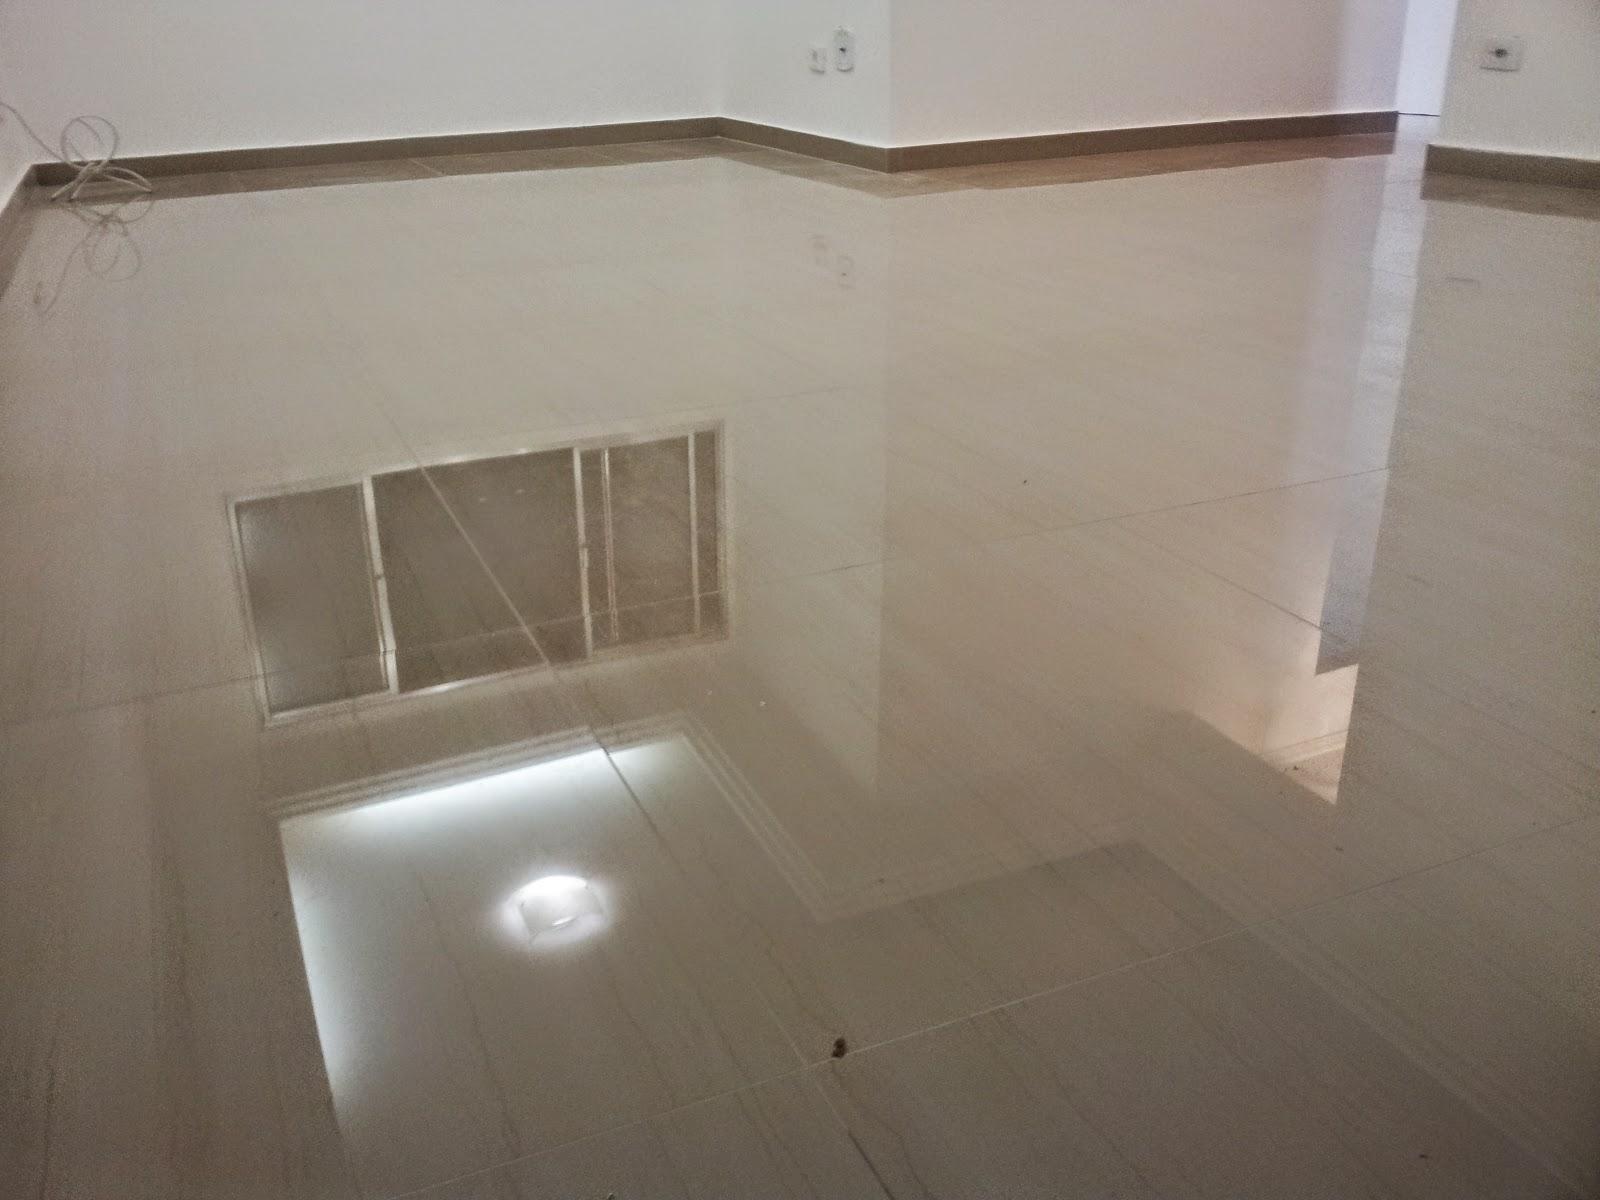 Prates constru es e reformas pedreiro colocacao for Azulejo de porcelanato